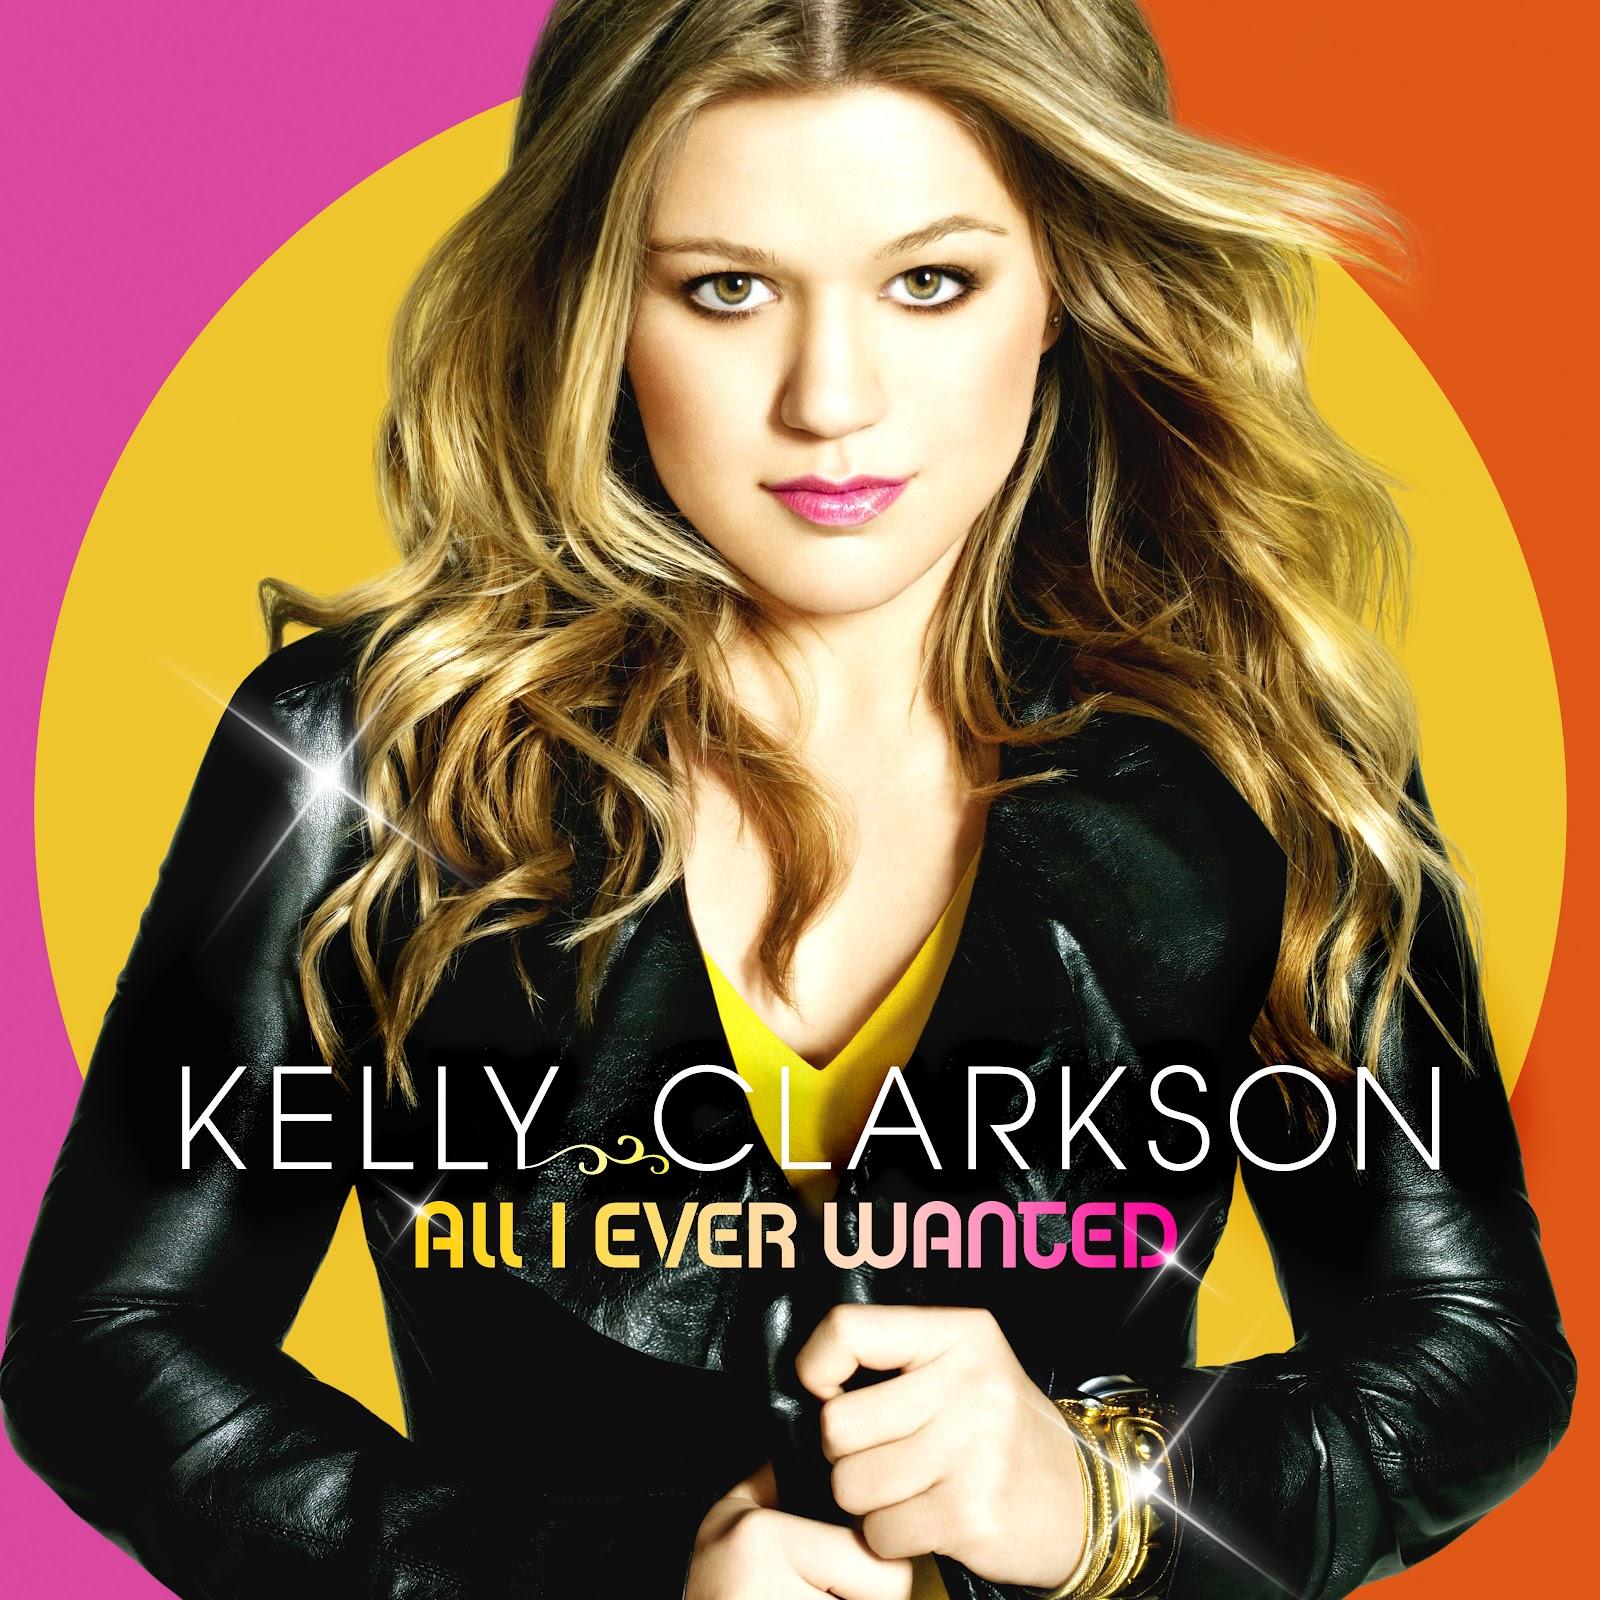 http://2.bp.blogspot.com/-stLj0d_xW5I/T1BFEuv1cNI/AAAAAAAAAgw/d_6ELDgvX7Q/s1600/KellyClarkson_AIEW_Cover.jpg